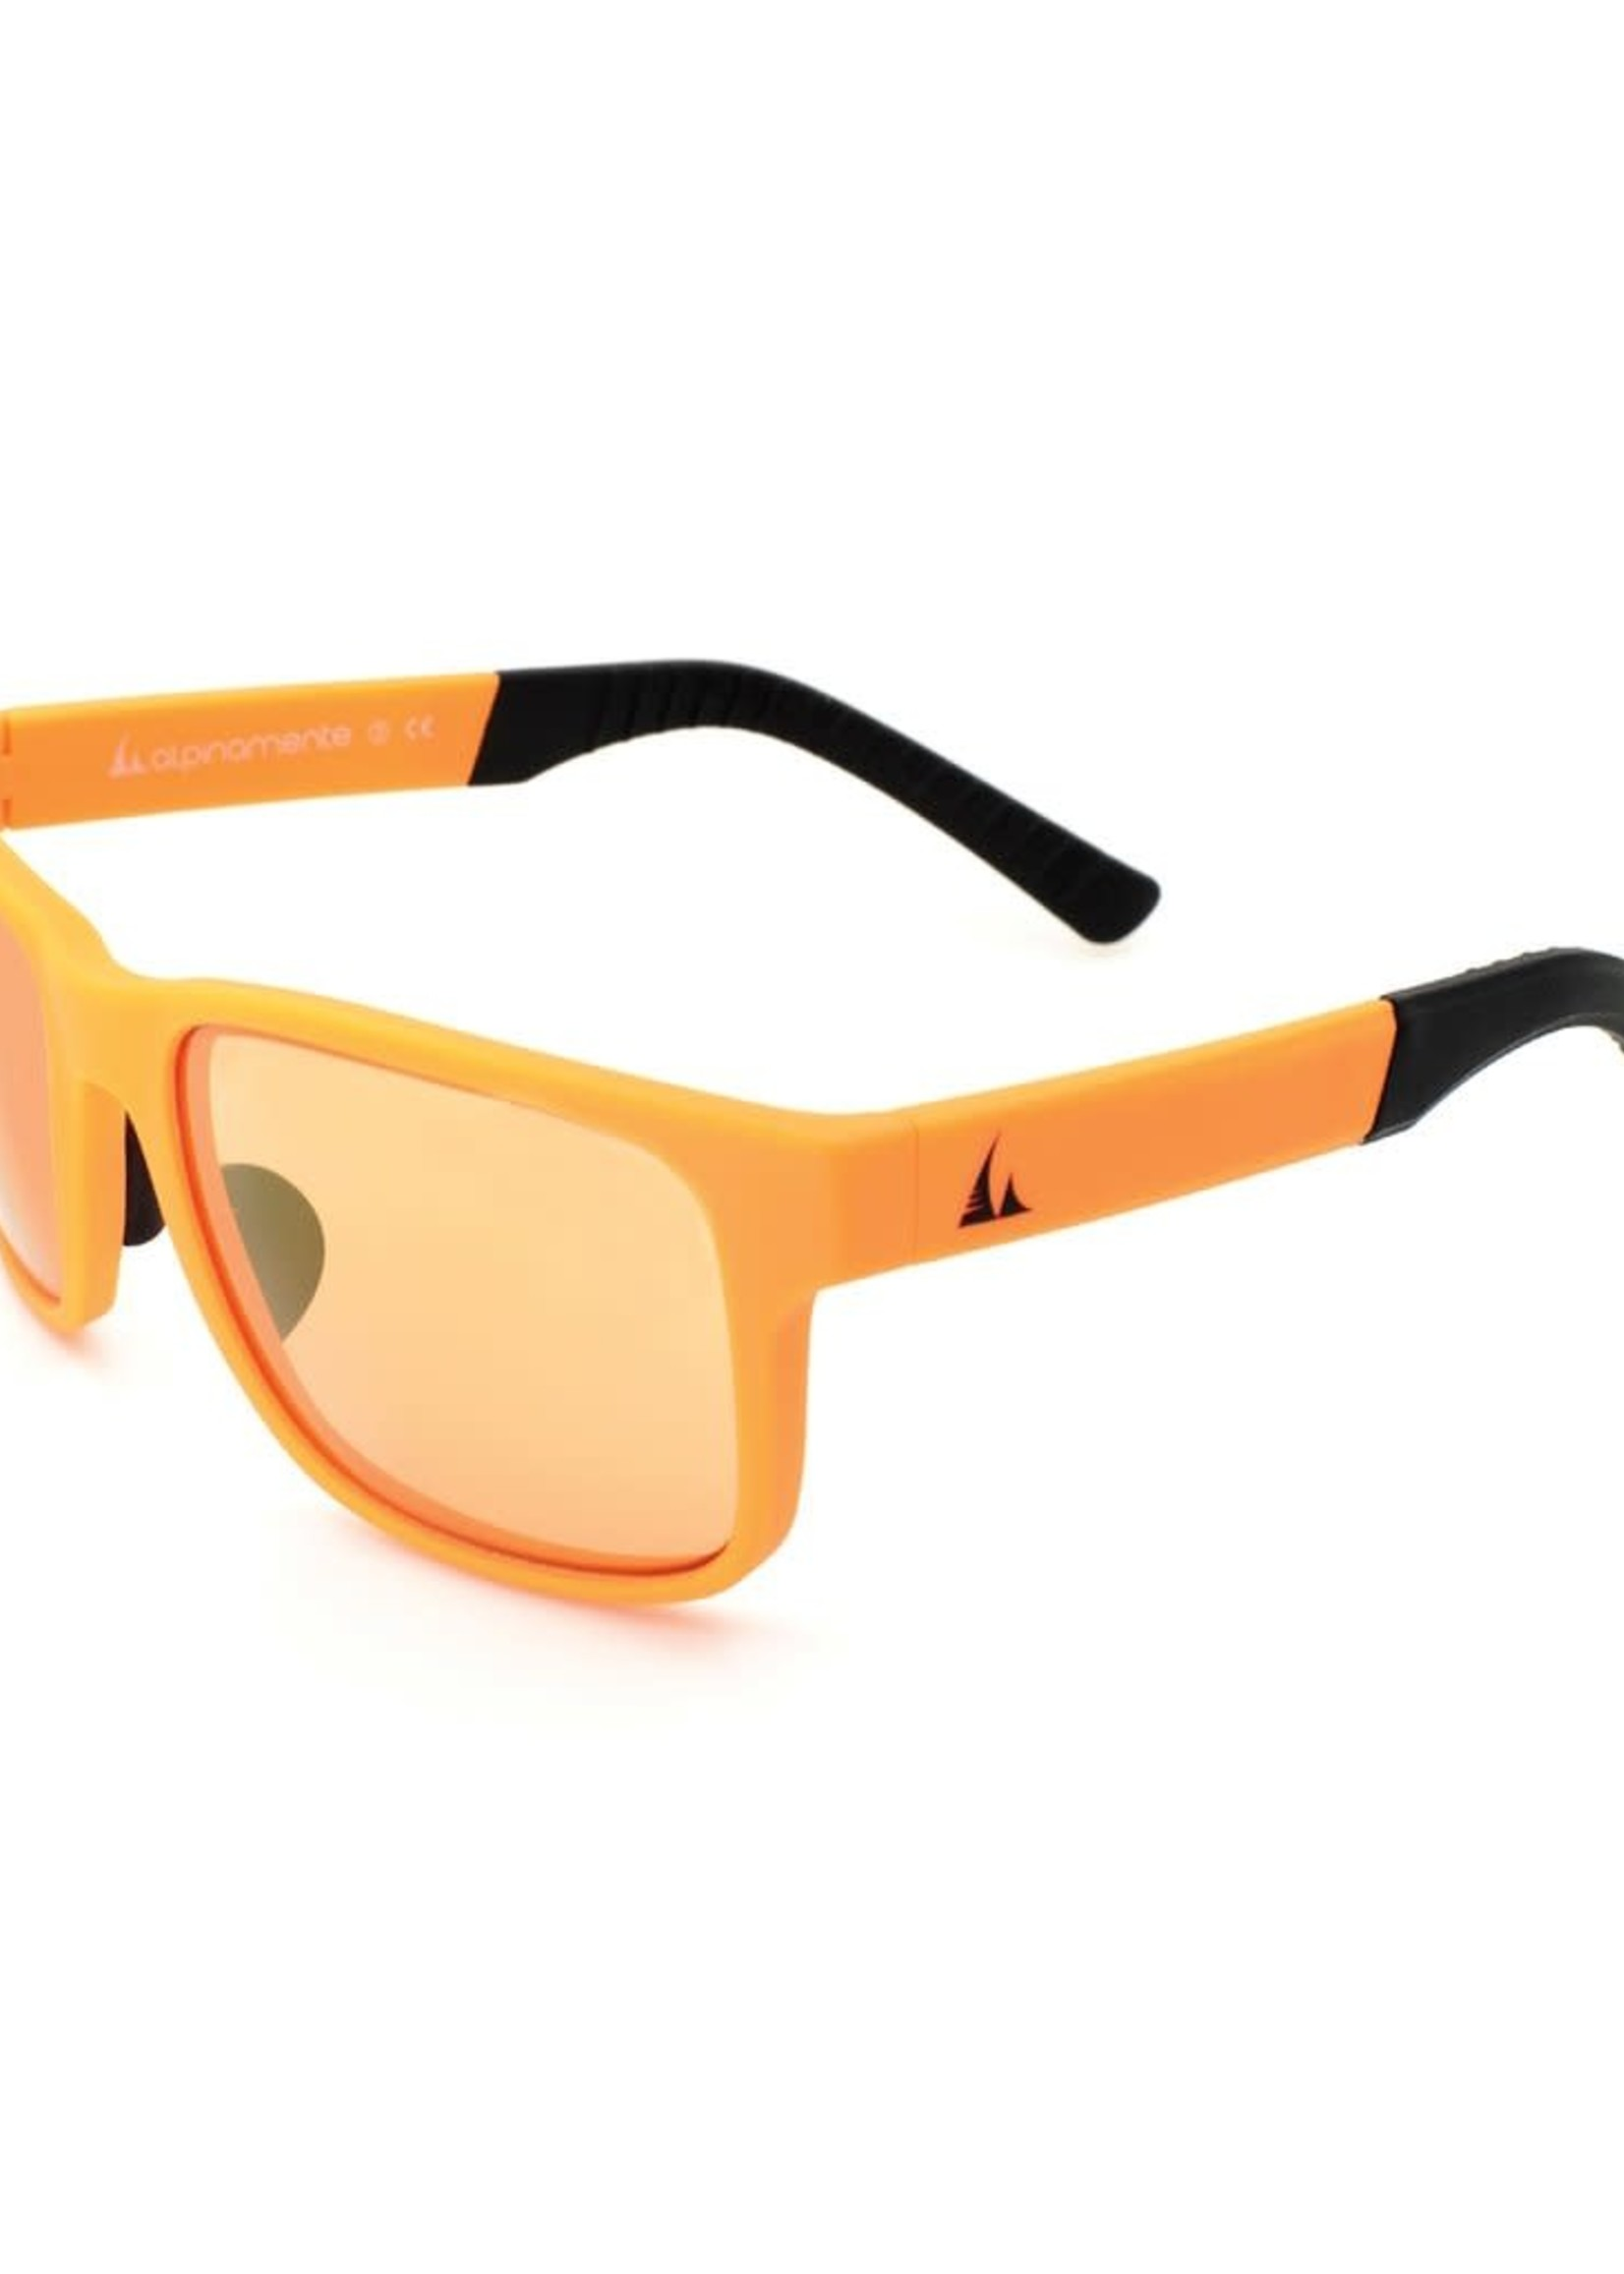 Alpinamente Alpinamente 3264m Sunglasses